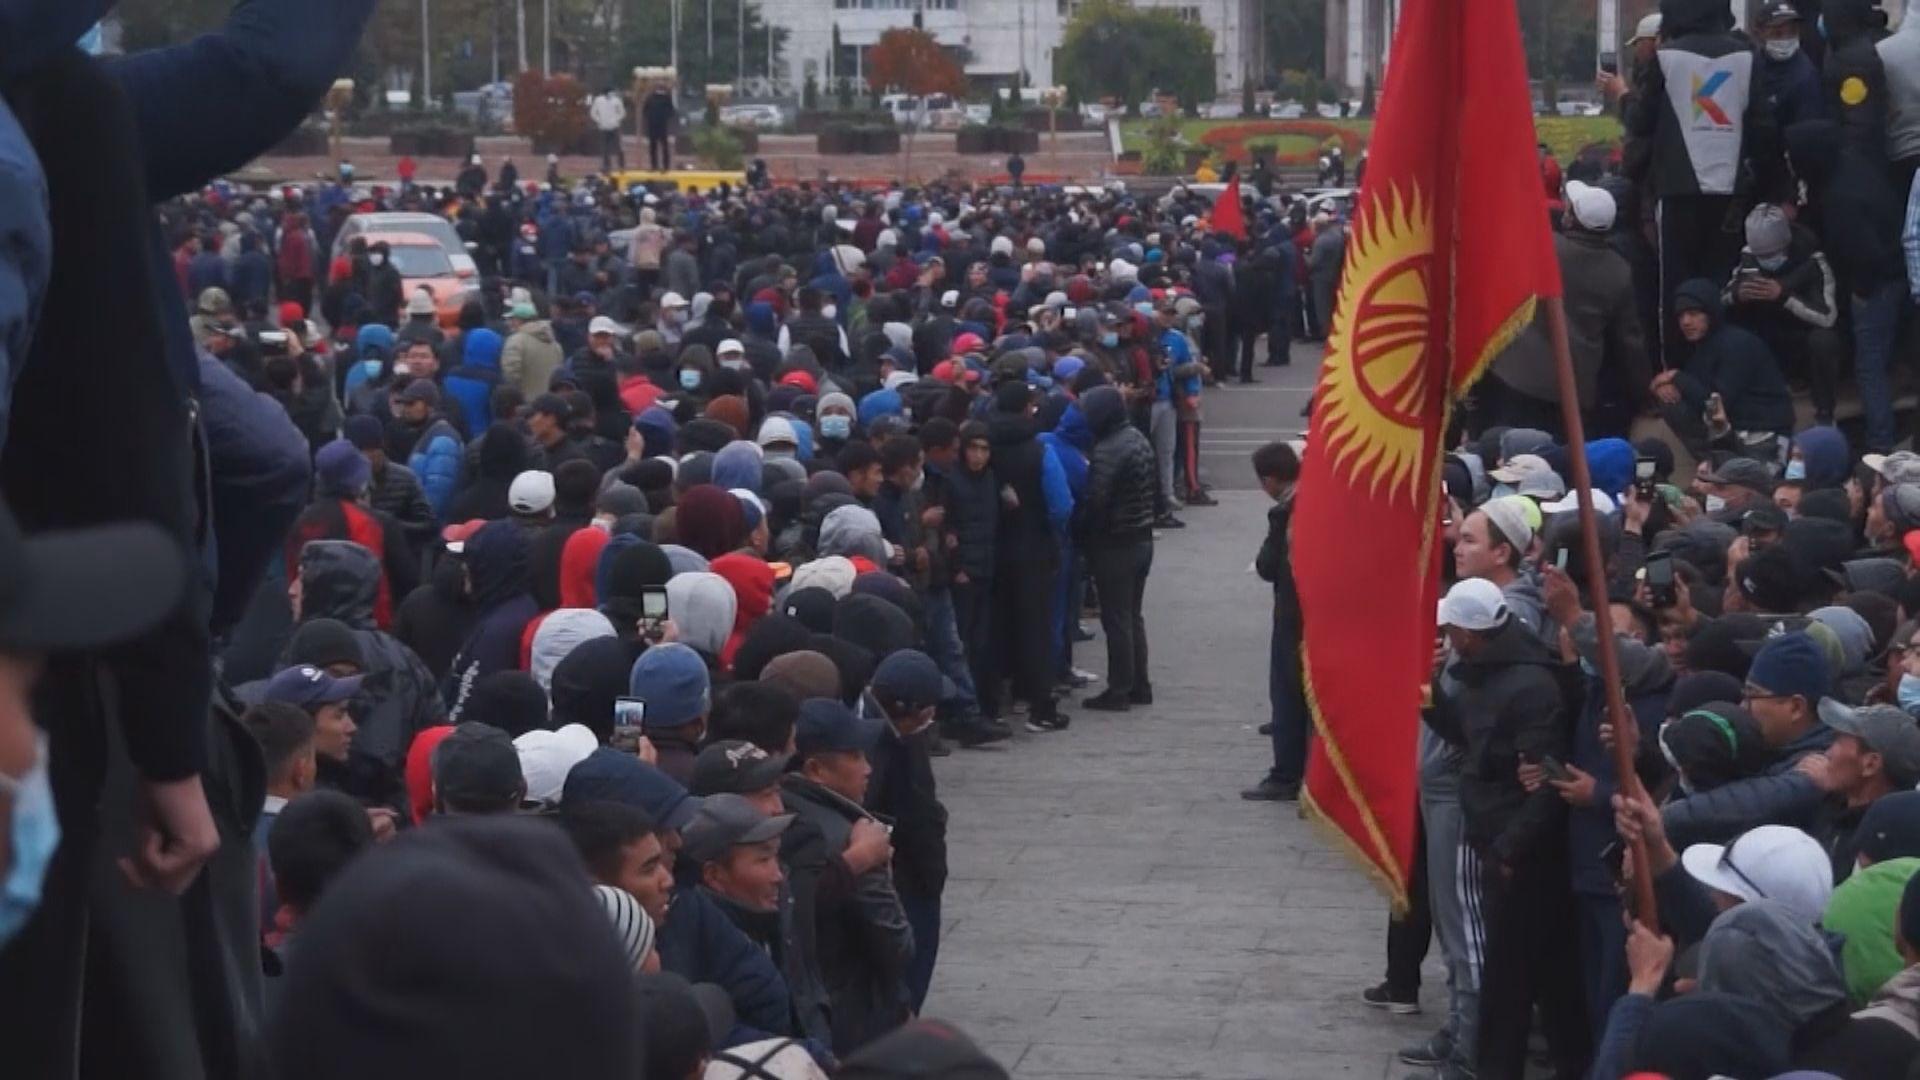 吉爾吉斯反對派聲稱已奪政權 選委會宣布廢除選舉結果